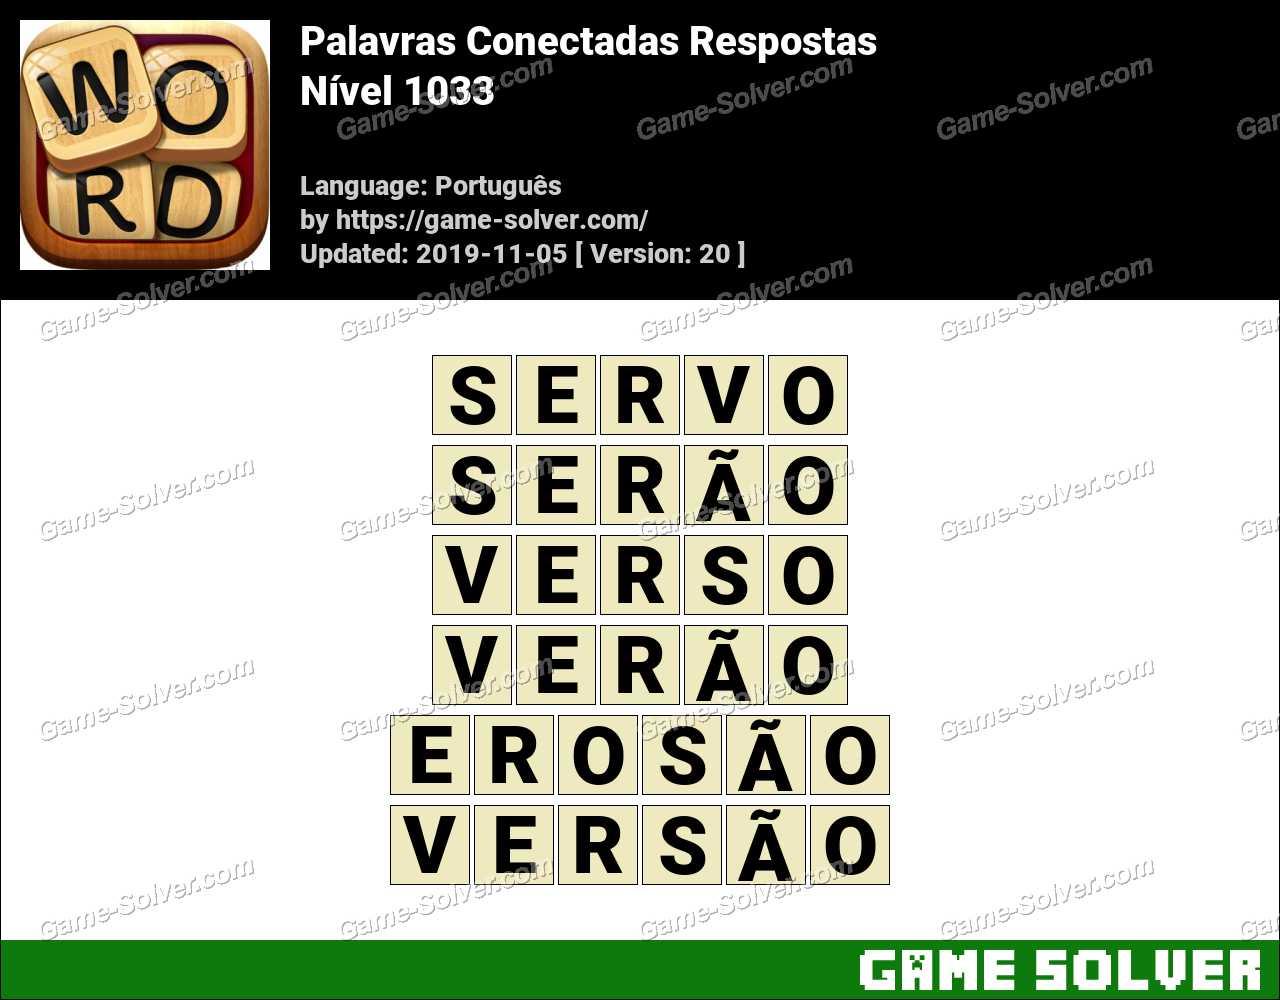 Palavras Conectadas Nivel 1033 Respostas